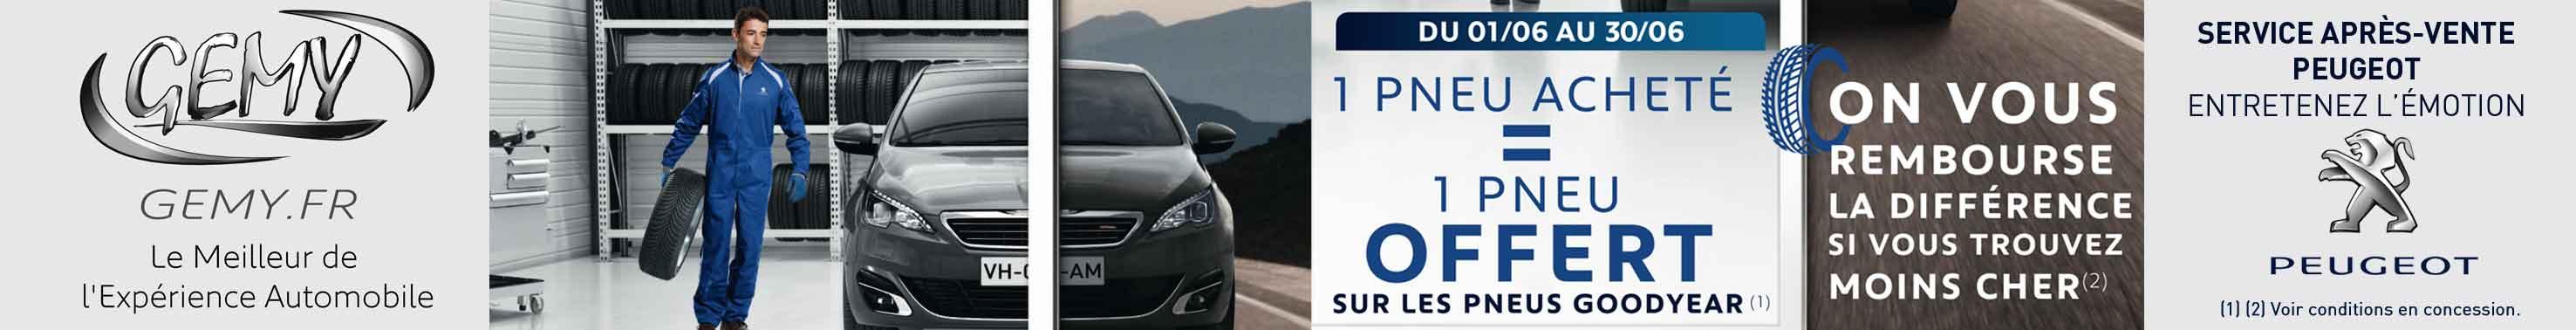 Gemy Peugeot Var